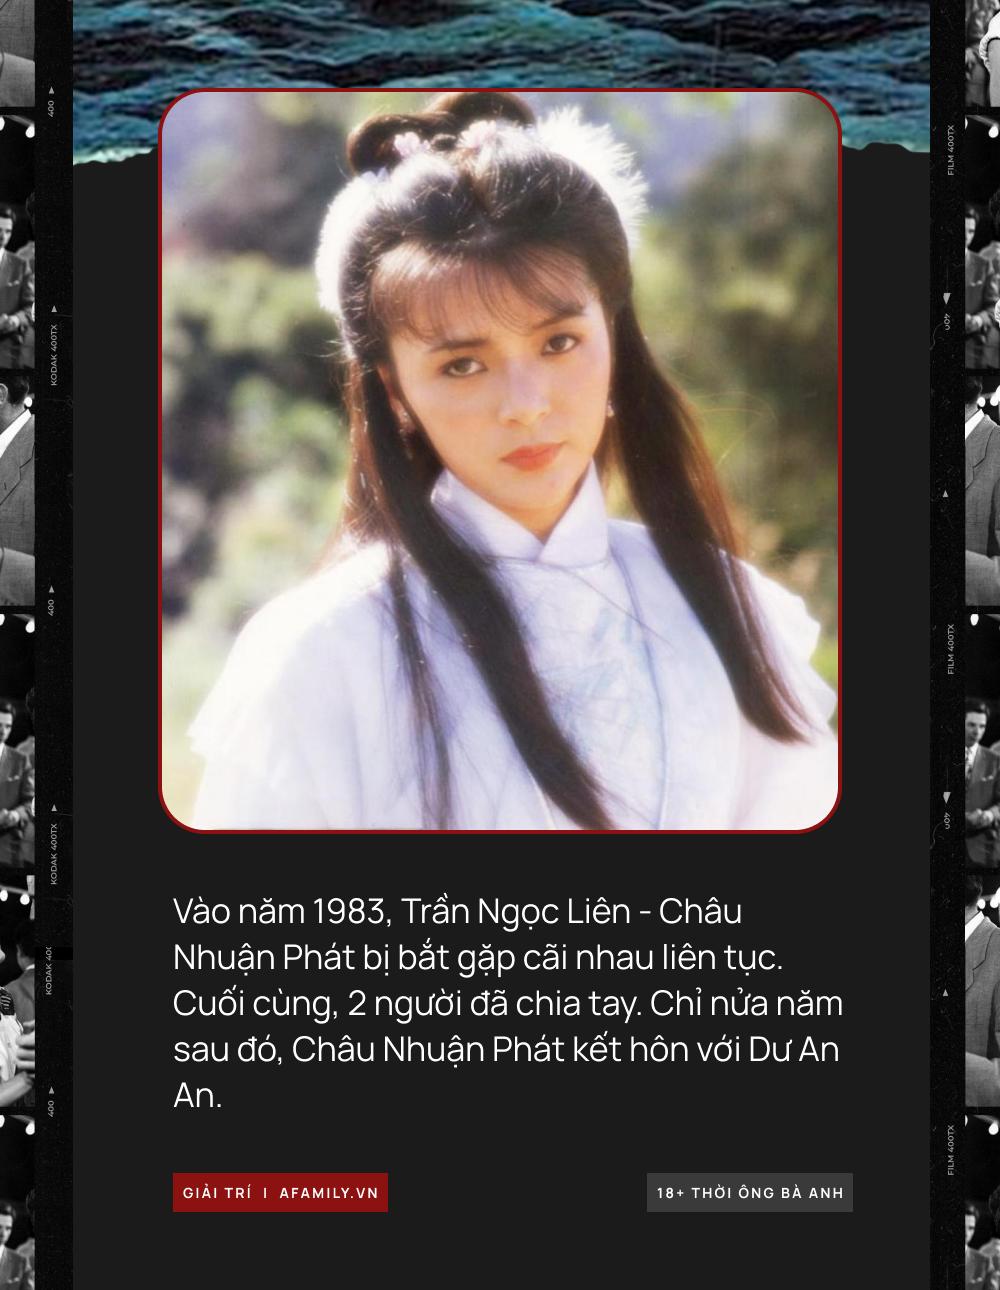 """Phim 18+ của Trần Ngọc Liên: Sụp đổ hình tượng """"Tiểu Long Nữ"""", tự sát vì Châu Nhuận Phát bất thành nên đóng phim cấp 3 - Ảnh 6."""